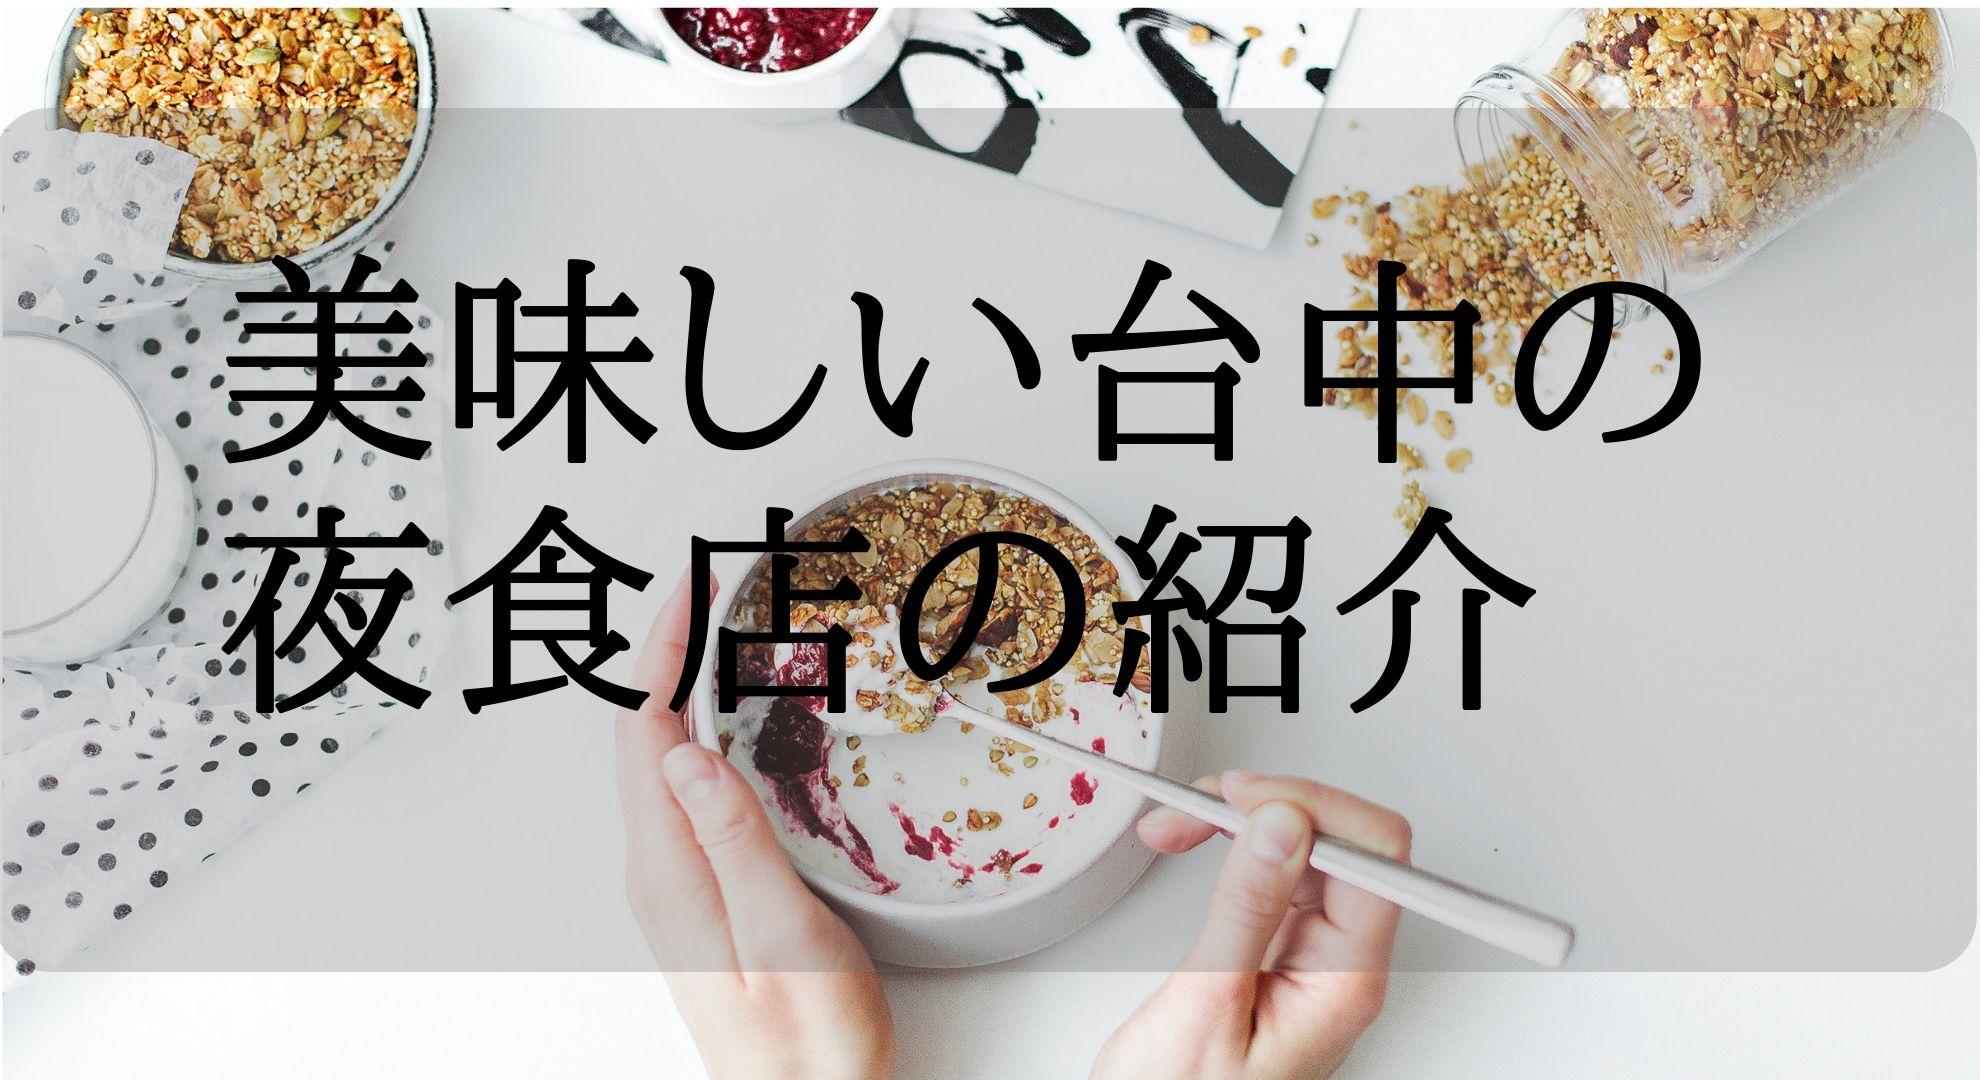 週二日深夜しか営業してなくて小汚い店だけど一度食べると止めれれない夜食店。台湾・台中の「老蔡大麵焿」の紹介